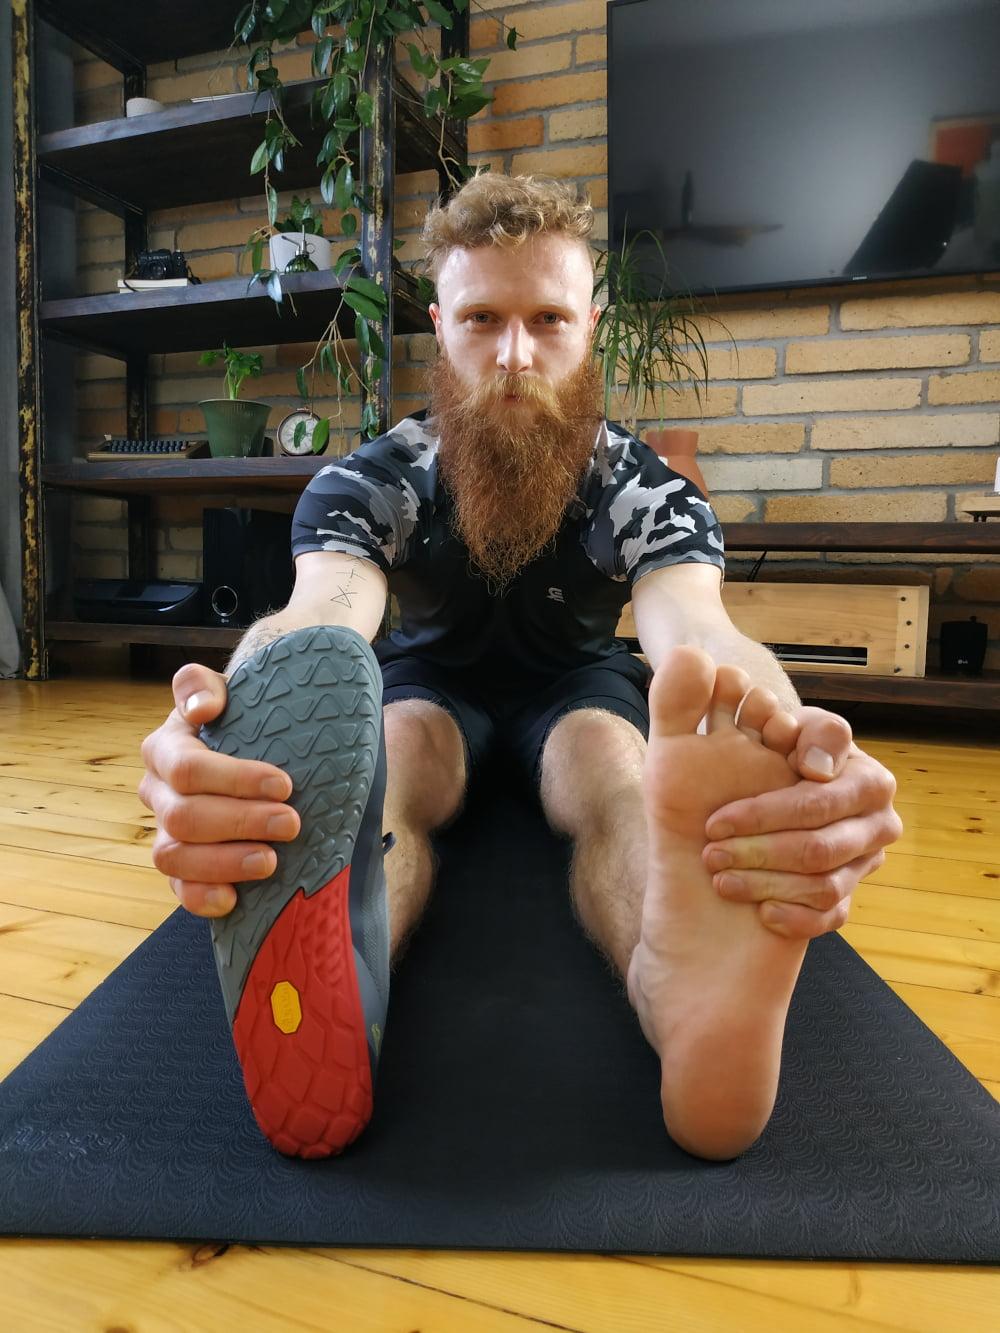 Czy chodzenie boso po domu jest zdrowe? Czy trening na bosaka jest wskazany? Przysiady - czy ćwiczyć boso / na bosaka.